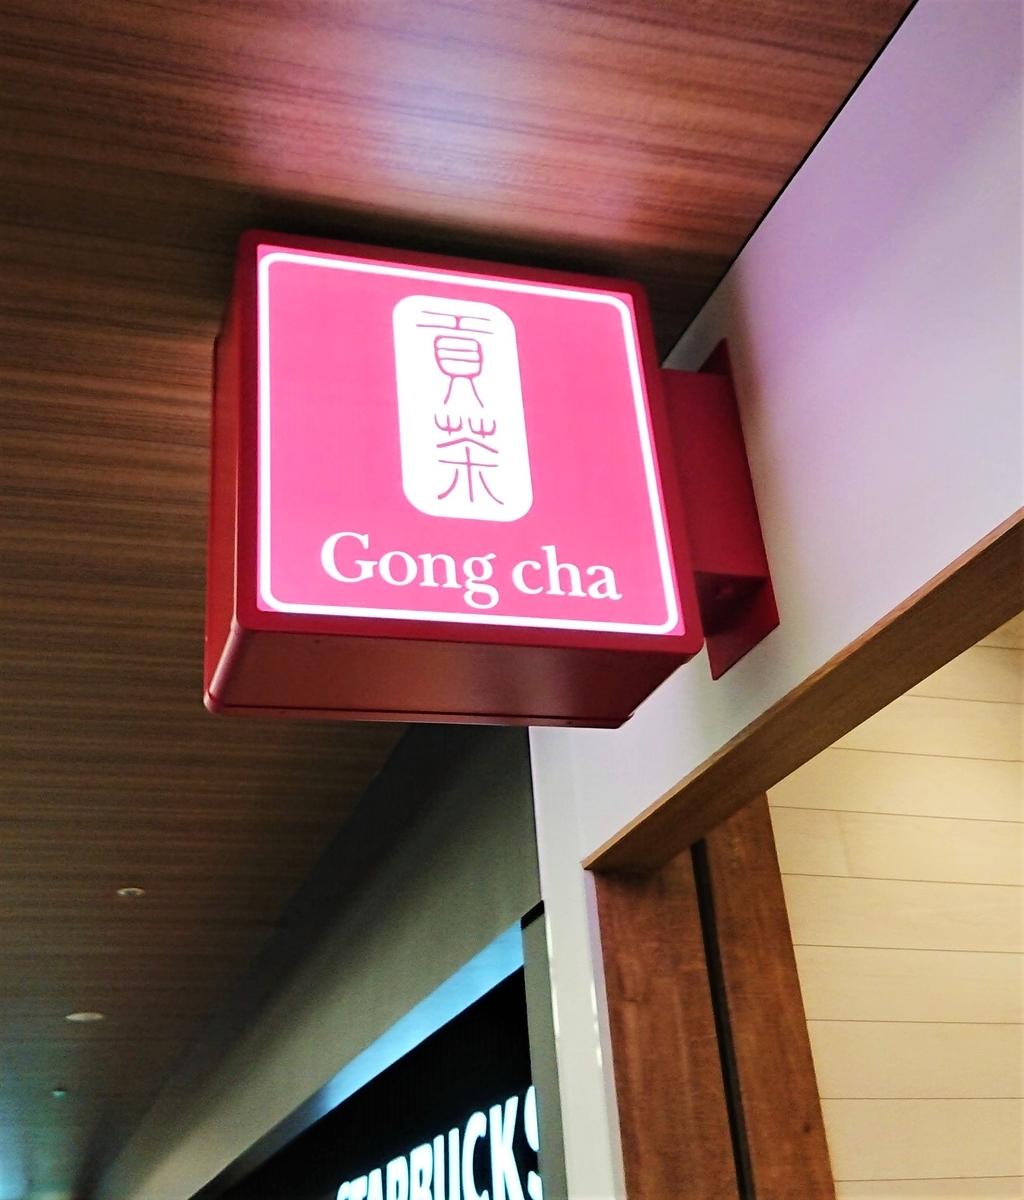 『貢茶 Gong Cha』